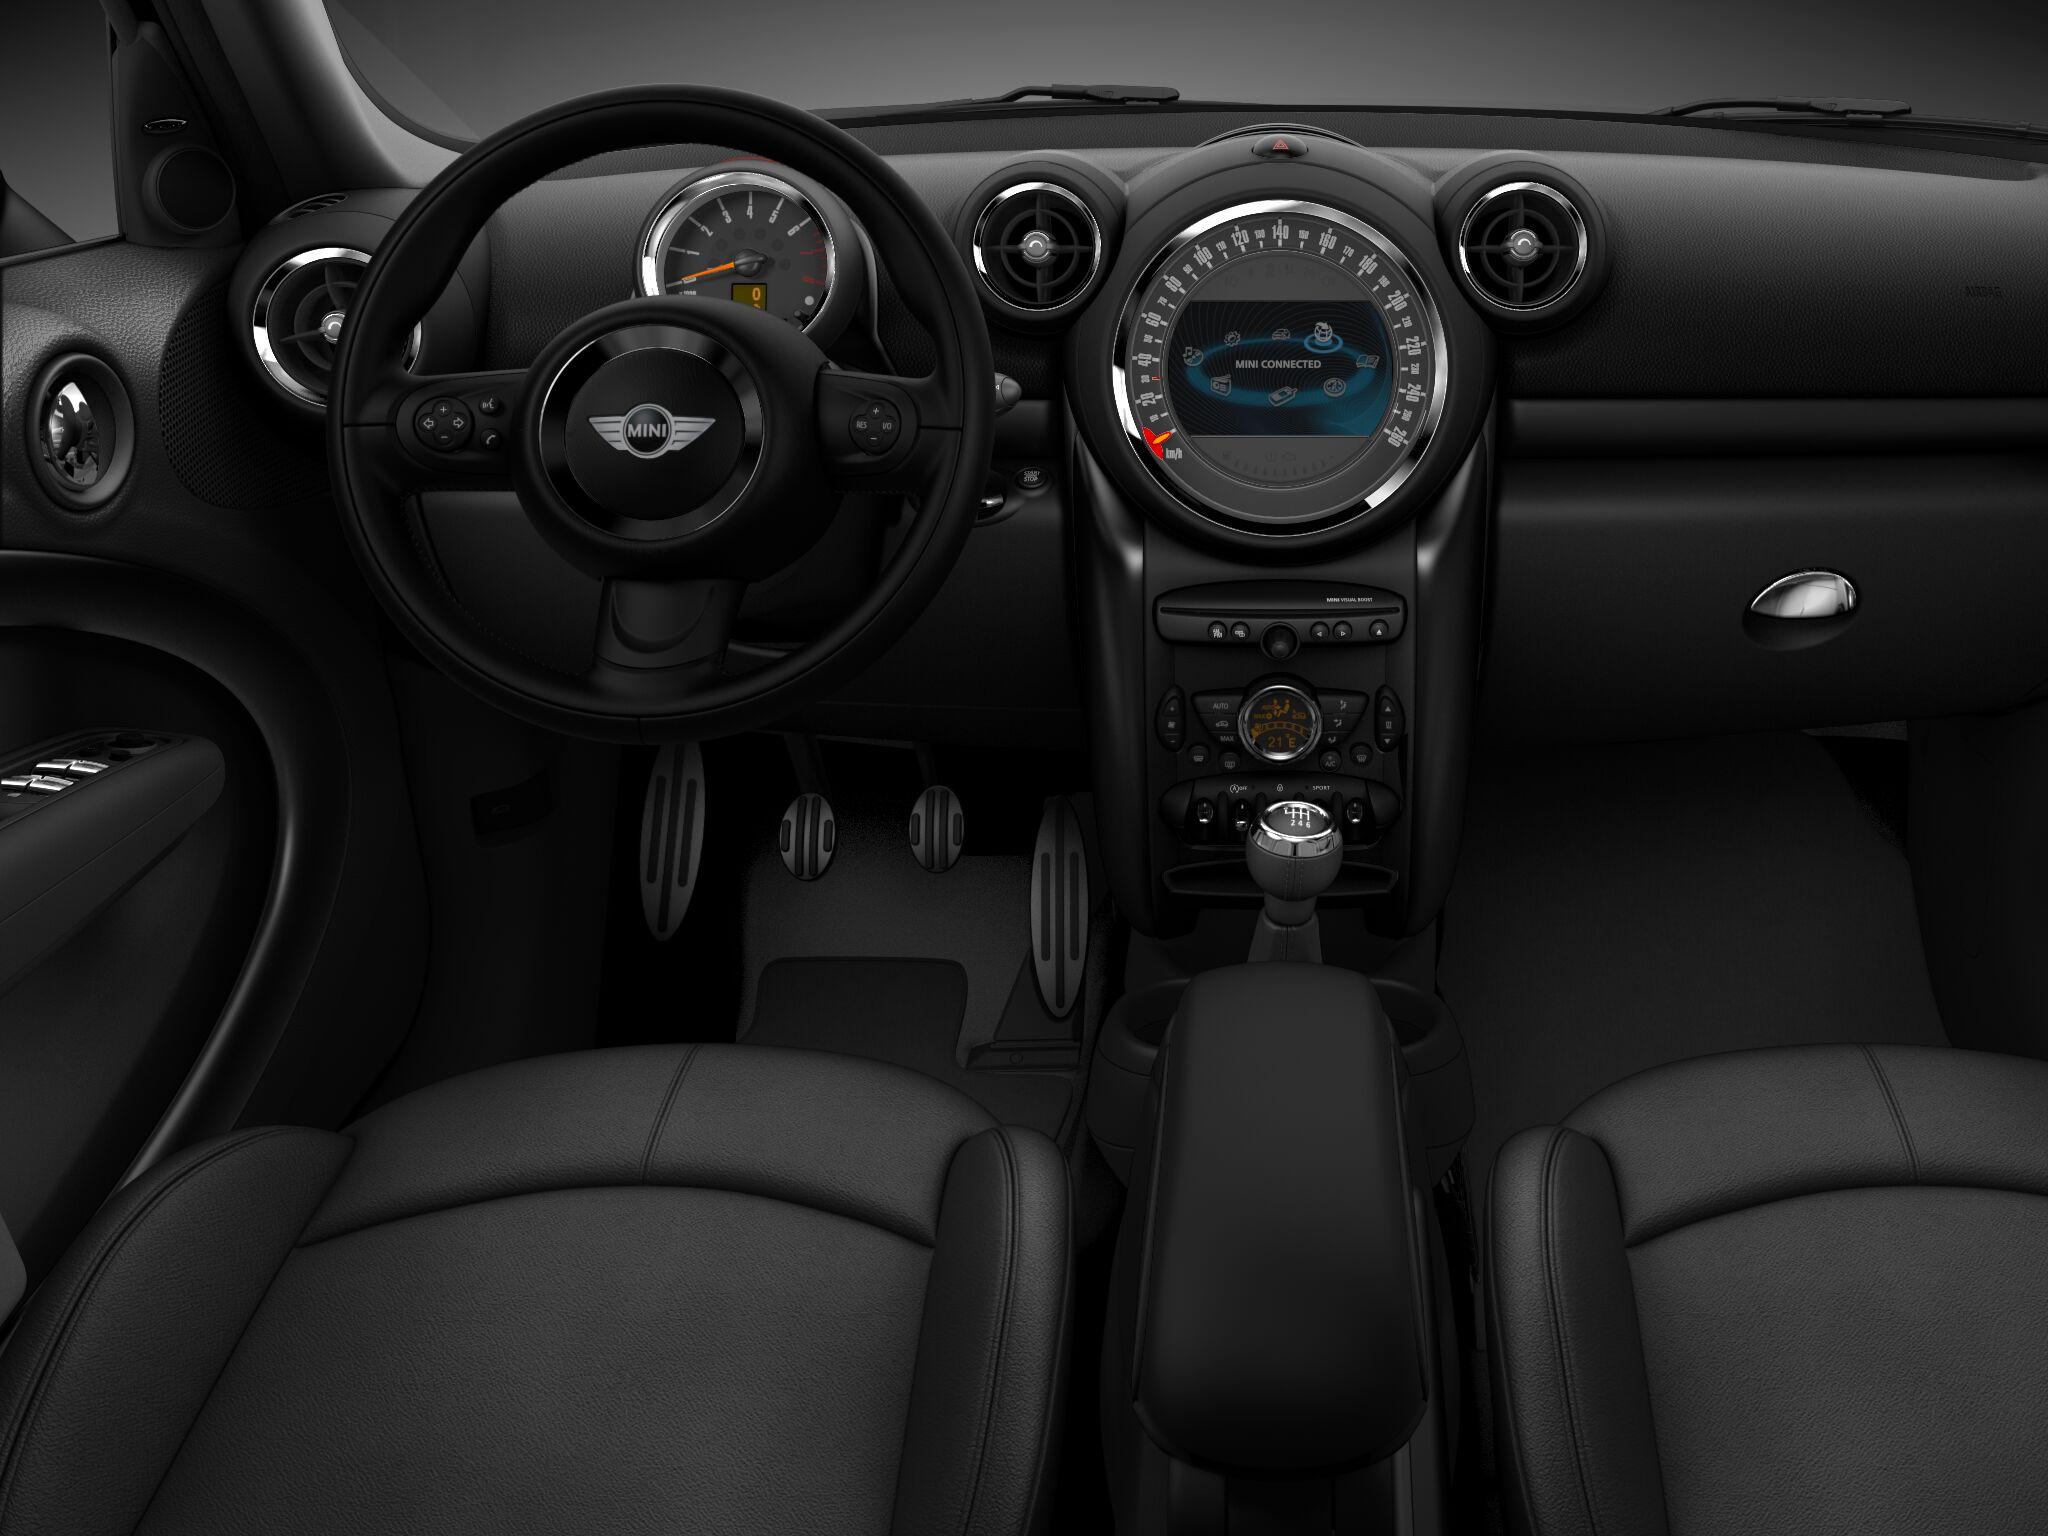 MINI Cooper S Crossover ALL4のクロス・ダイアゴナル・トラック・カーボン・ブラック・インテリアとダーク・アンスラサイト・スタイリング